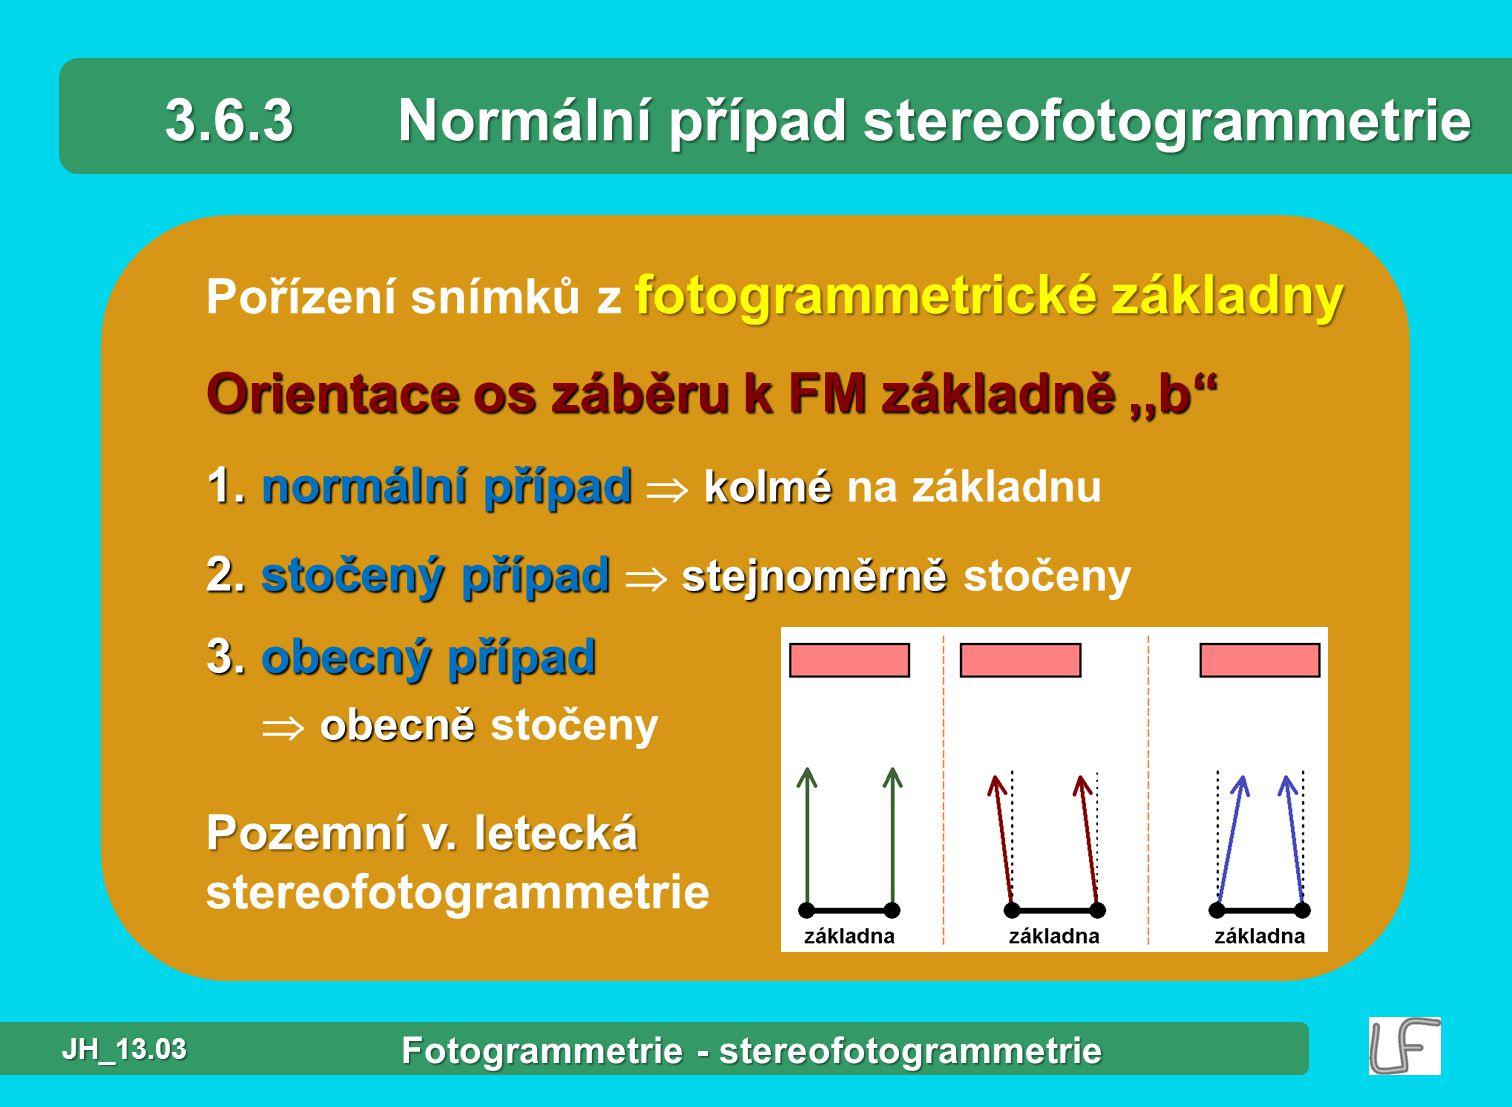 fotogrammetrické základny Pořízení snímků z fotogrammetrické základny 3.6.3Normální případ stereofotogrammetrie Orientace os záběru k FM základně,,b 1.